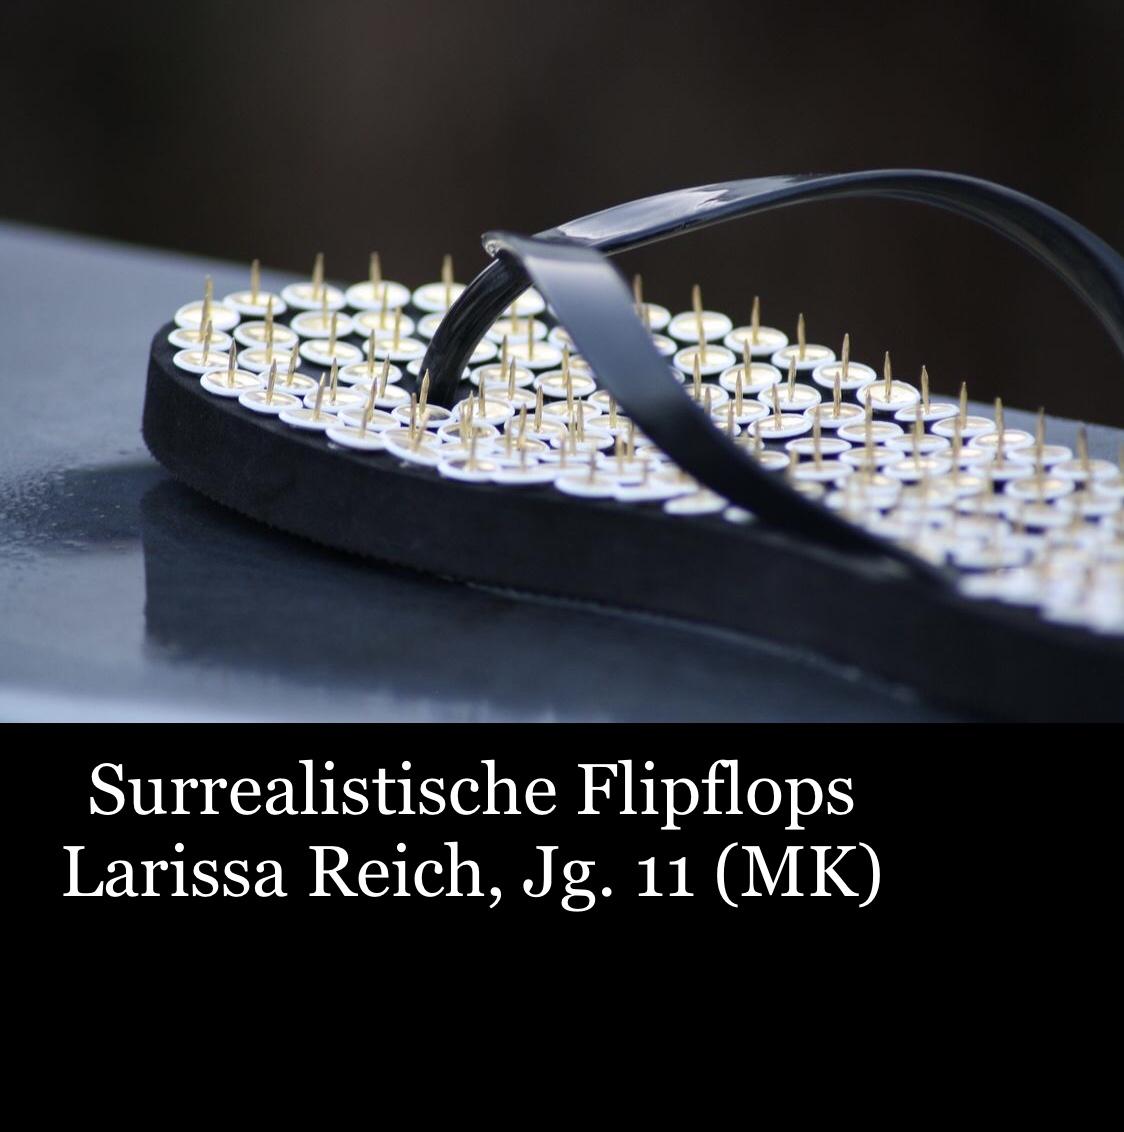 Jg. 11 Müller-Klug_1